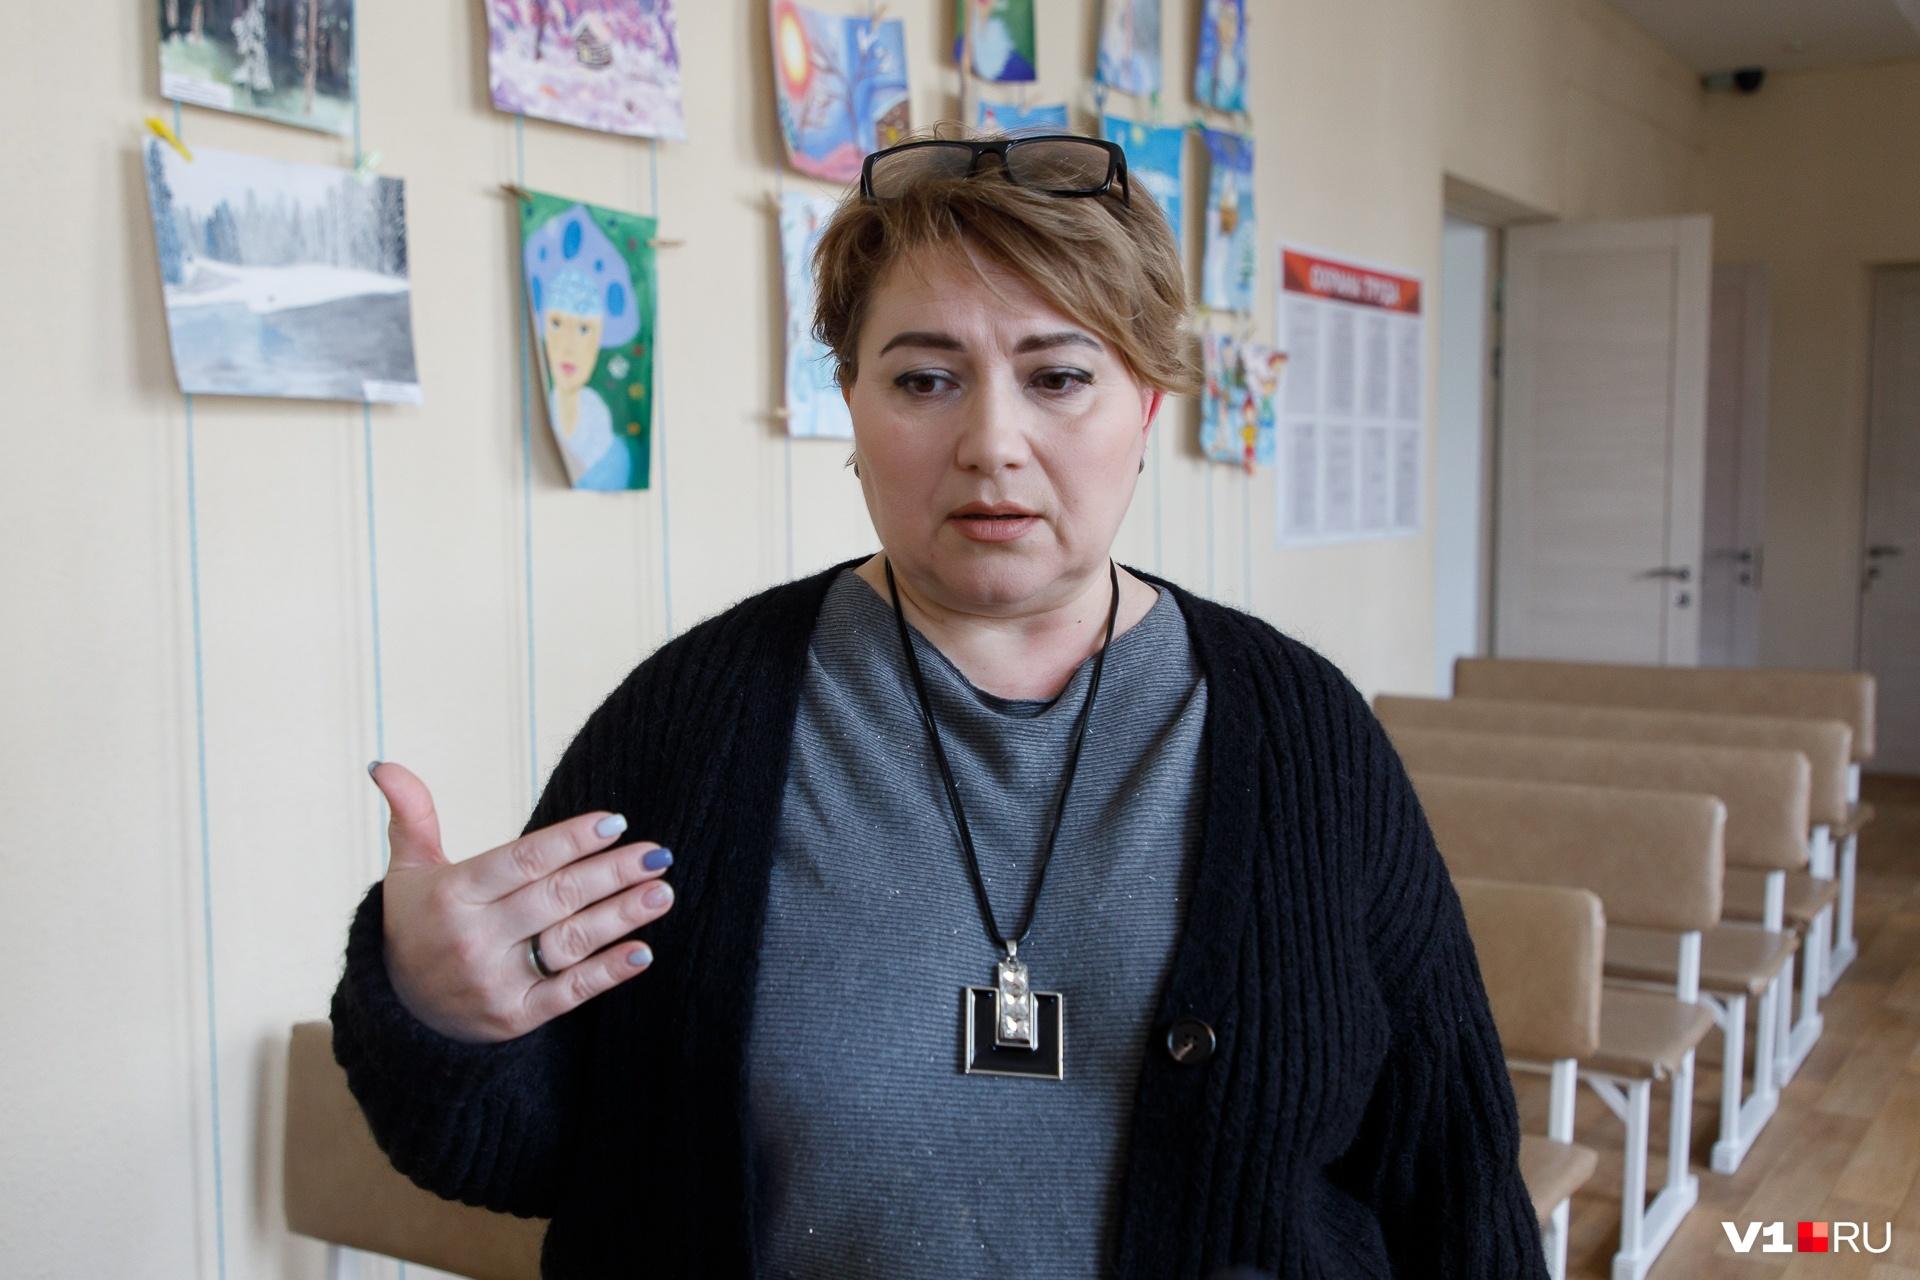 Ирина Маньшина: «Взрослые видели, что у моего сына не вышло оплатить проезд, и никто не помог»